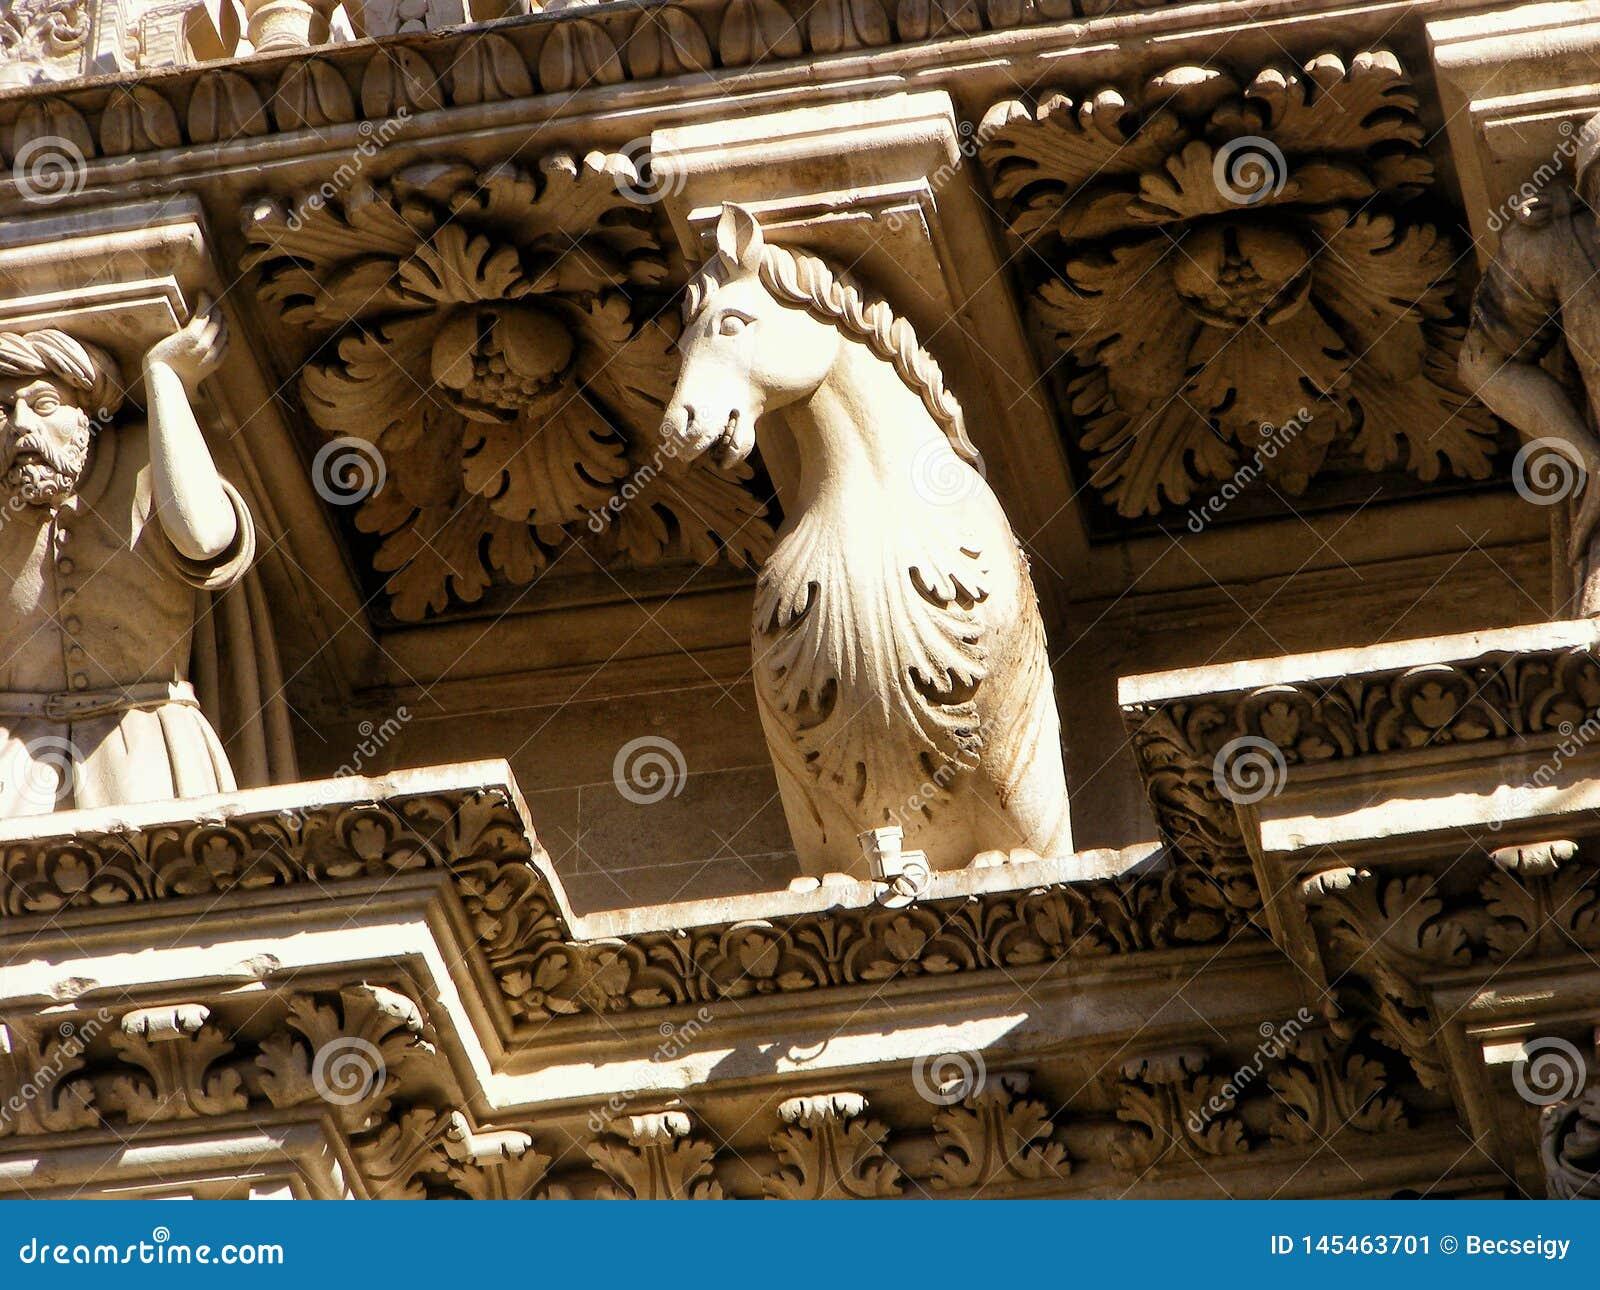 Μπαρόκ διακόσμηση αγαλμάτων αλόγων του θρησκευτικού κτηρίου, εκκλησία Το γλυπτό είναι παλαιό και ηλικίας σε Lecce, Ιταλία Πούλια